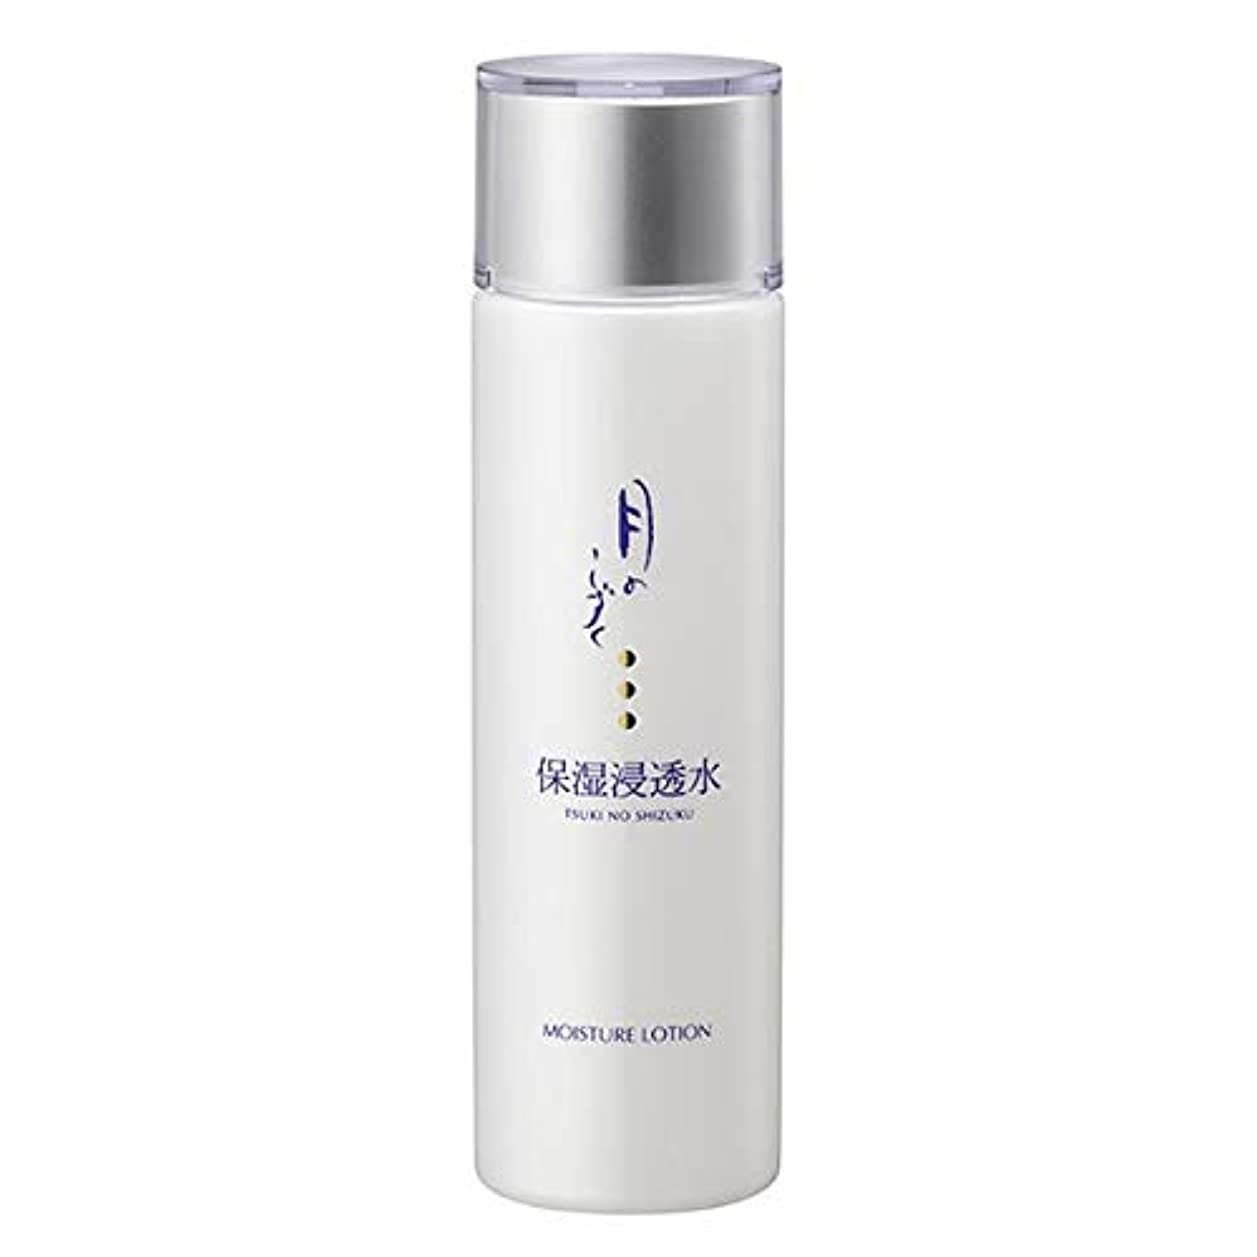 ソーダ水大陸実用的ゆの里温泉 月のしずく化粧品 月のしずく保湿浸透水 (保湿化粧水)